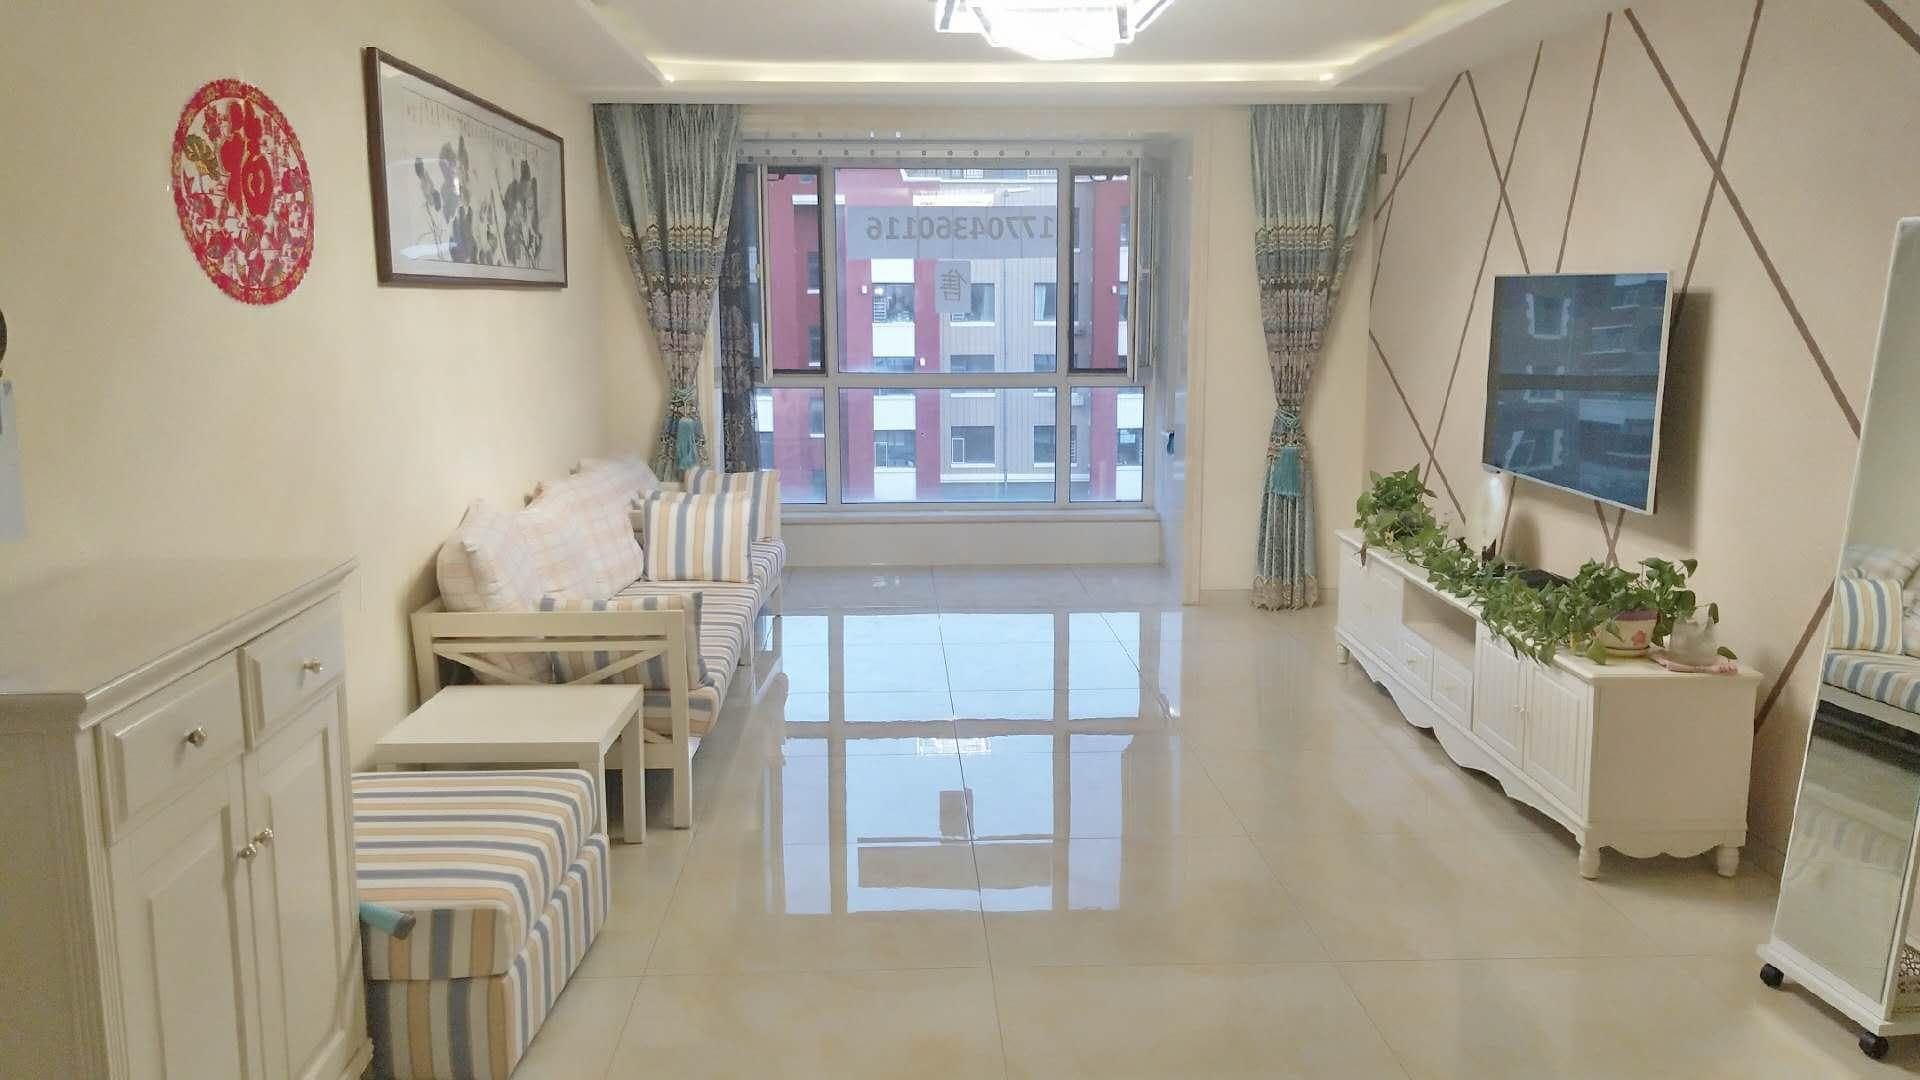 钻石·四季华城2室 2厅 2卫66万元